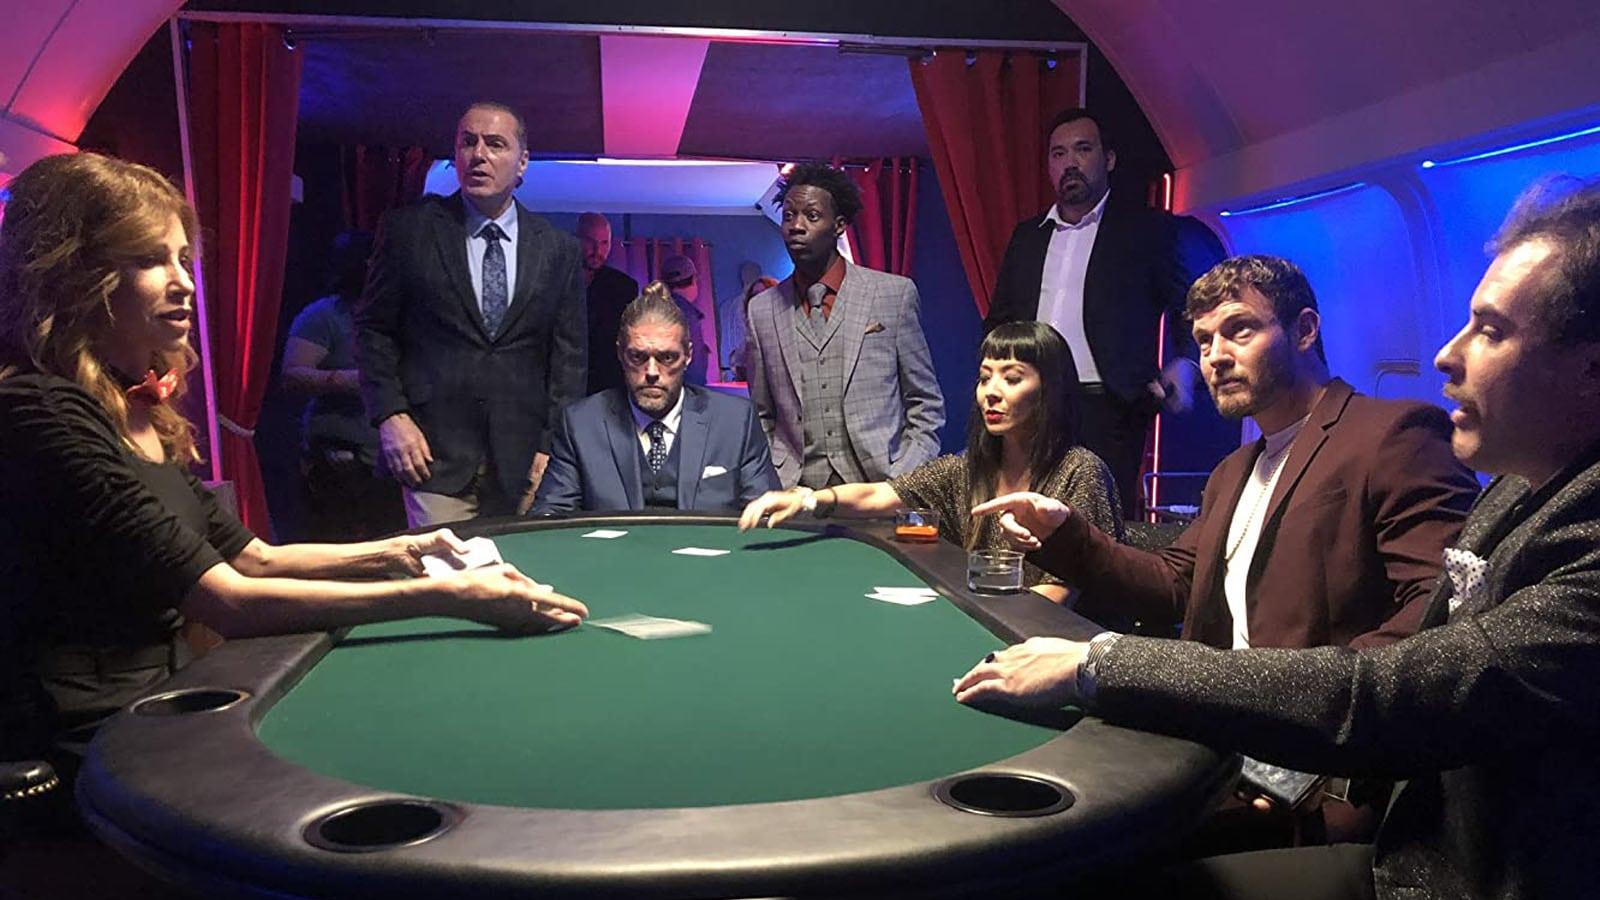 Money Plane 2020 Watch Online Full Movie